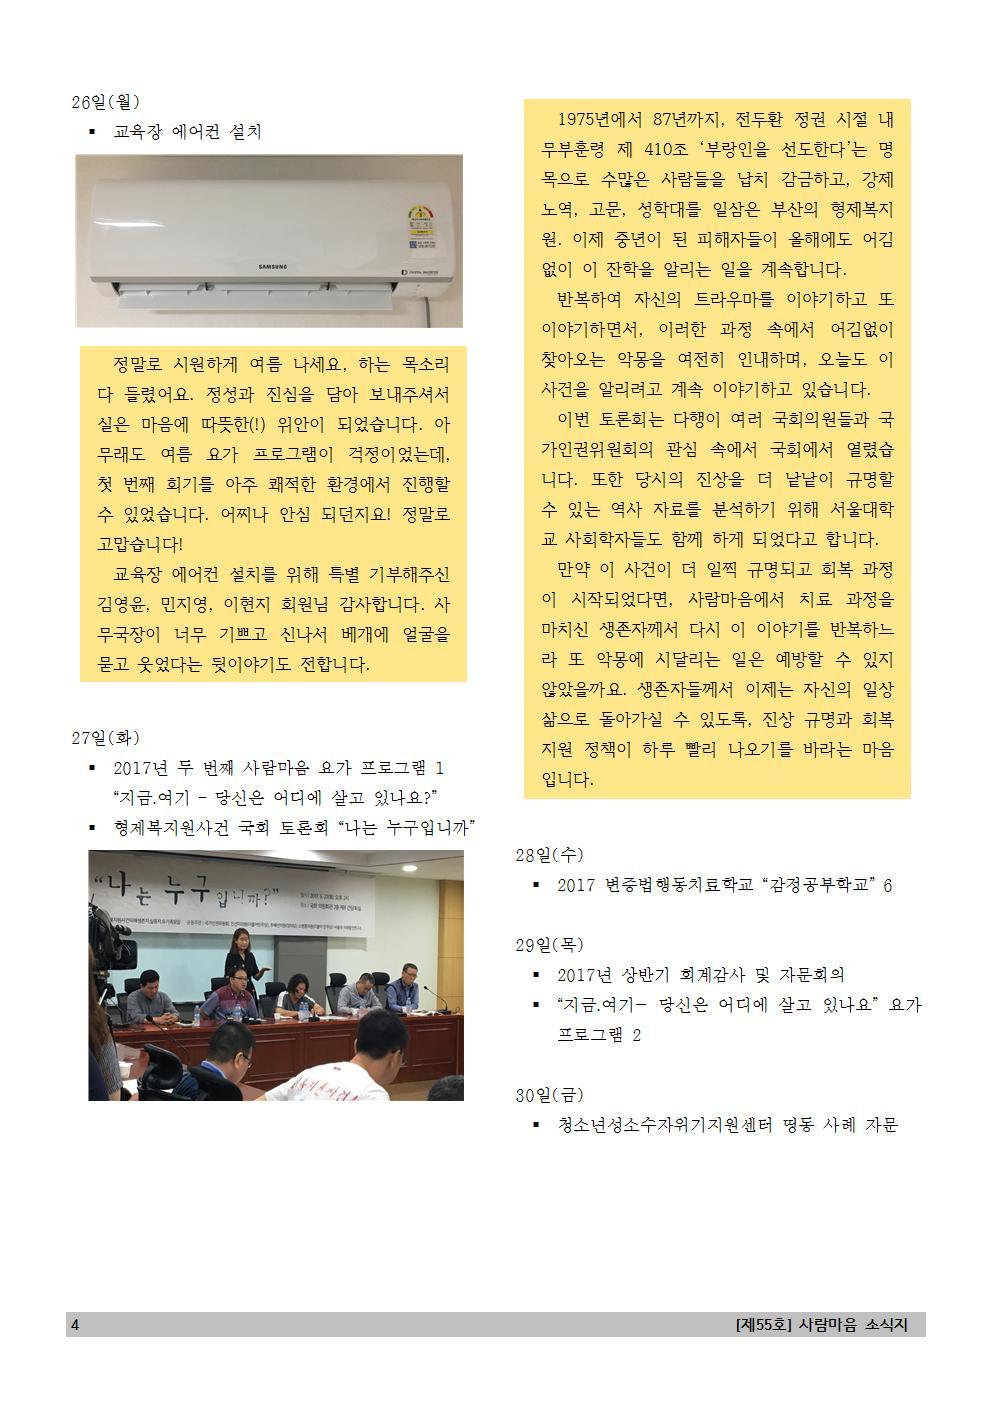 201707_55th_news letter (5).jpg